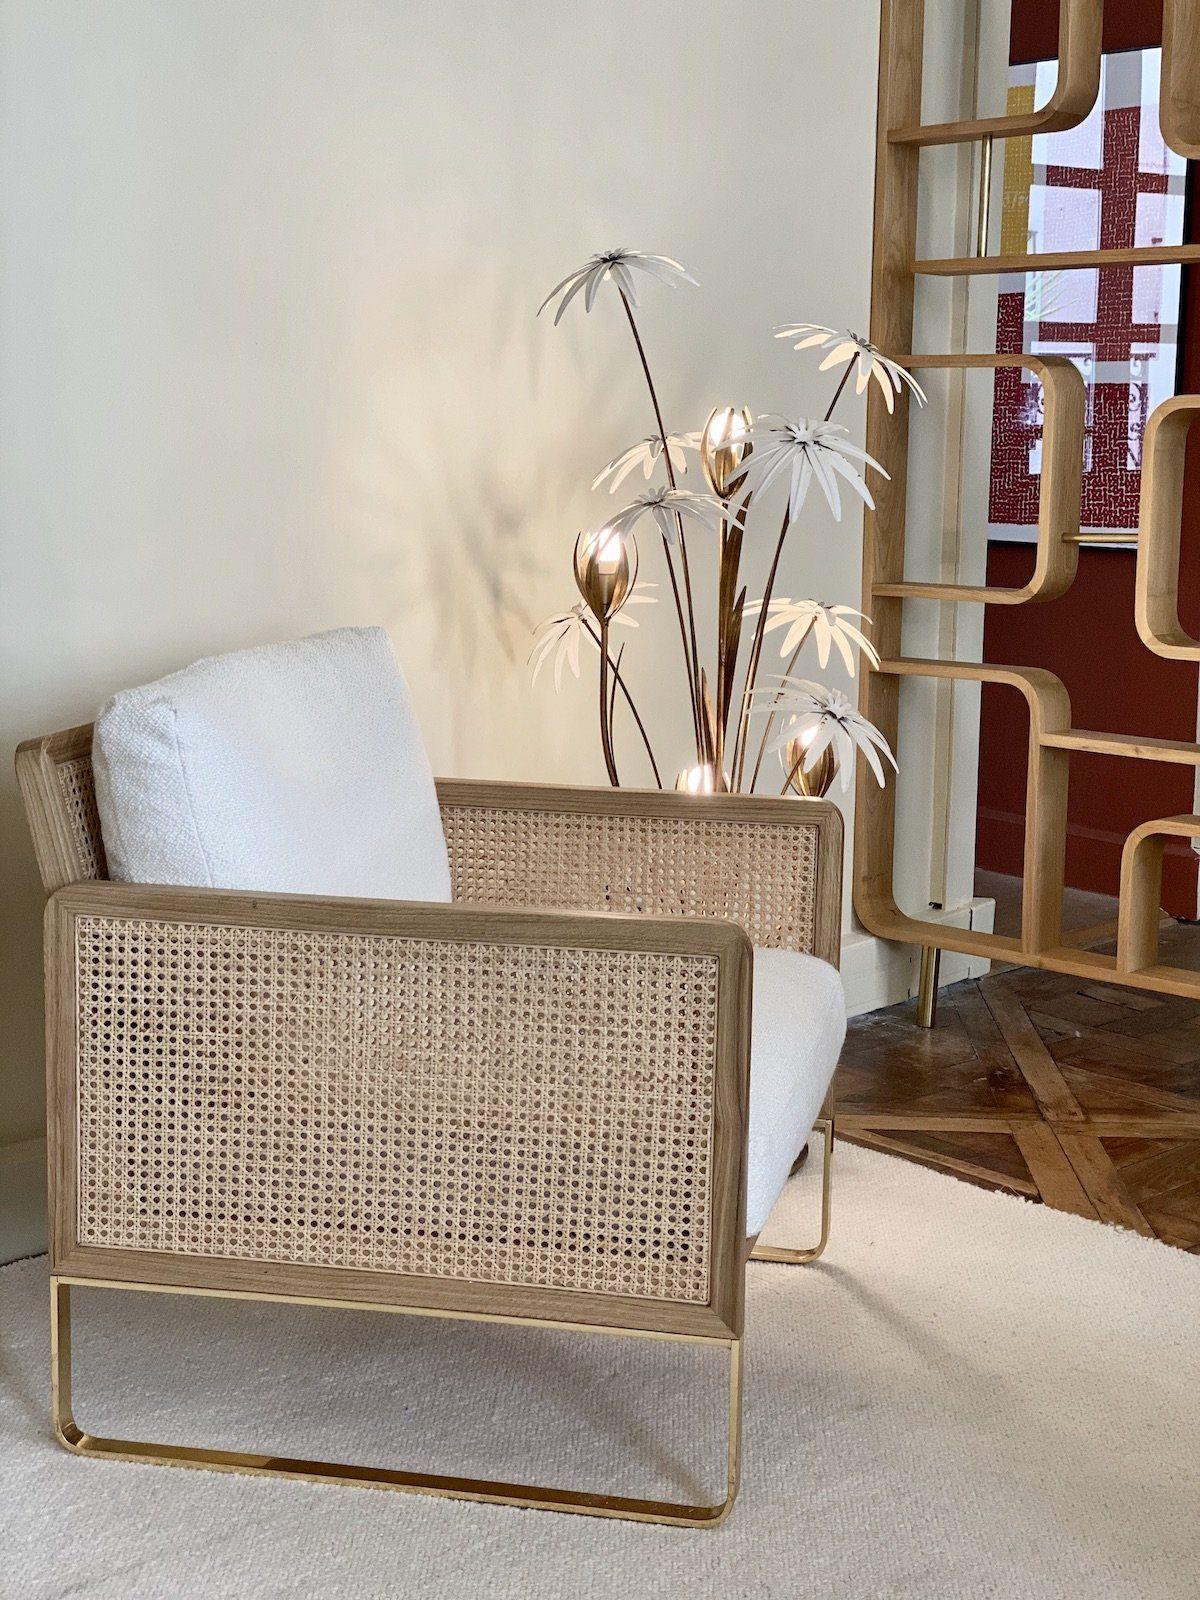 Paris Design Week 2020 Parcours Francais Clem Around The Corner En 2020 Architecte Interieur Interieur Maison Fauteuil Design